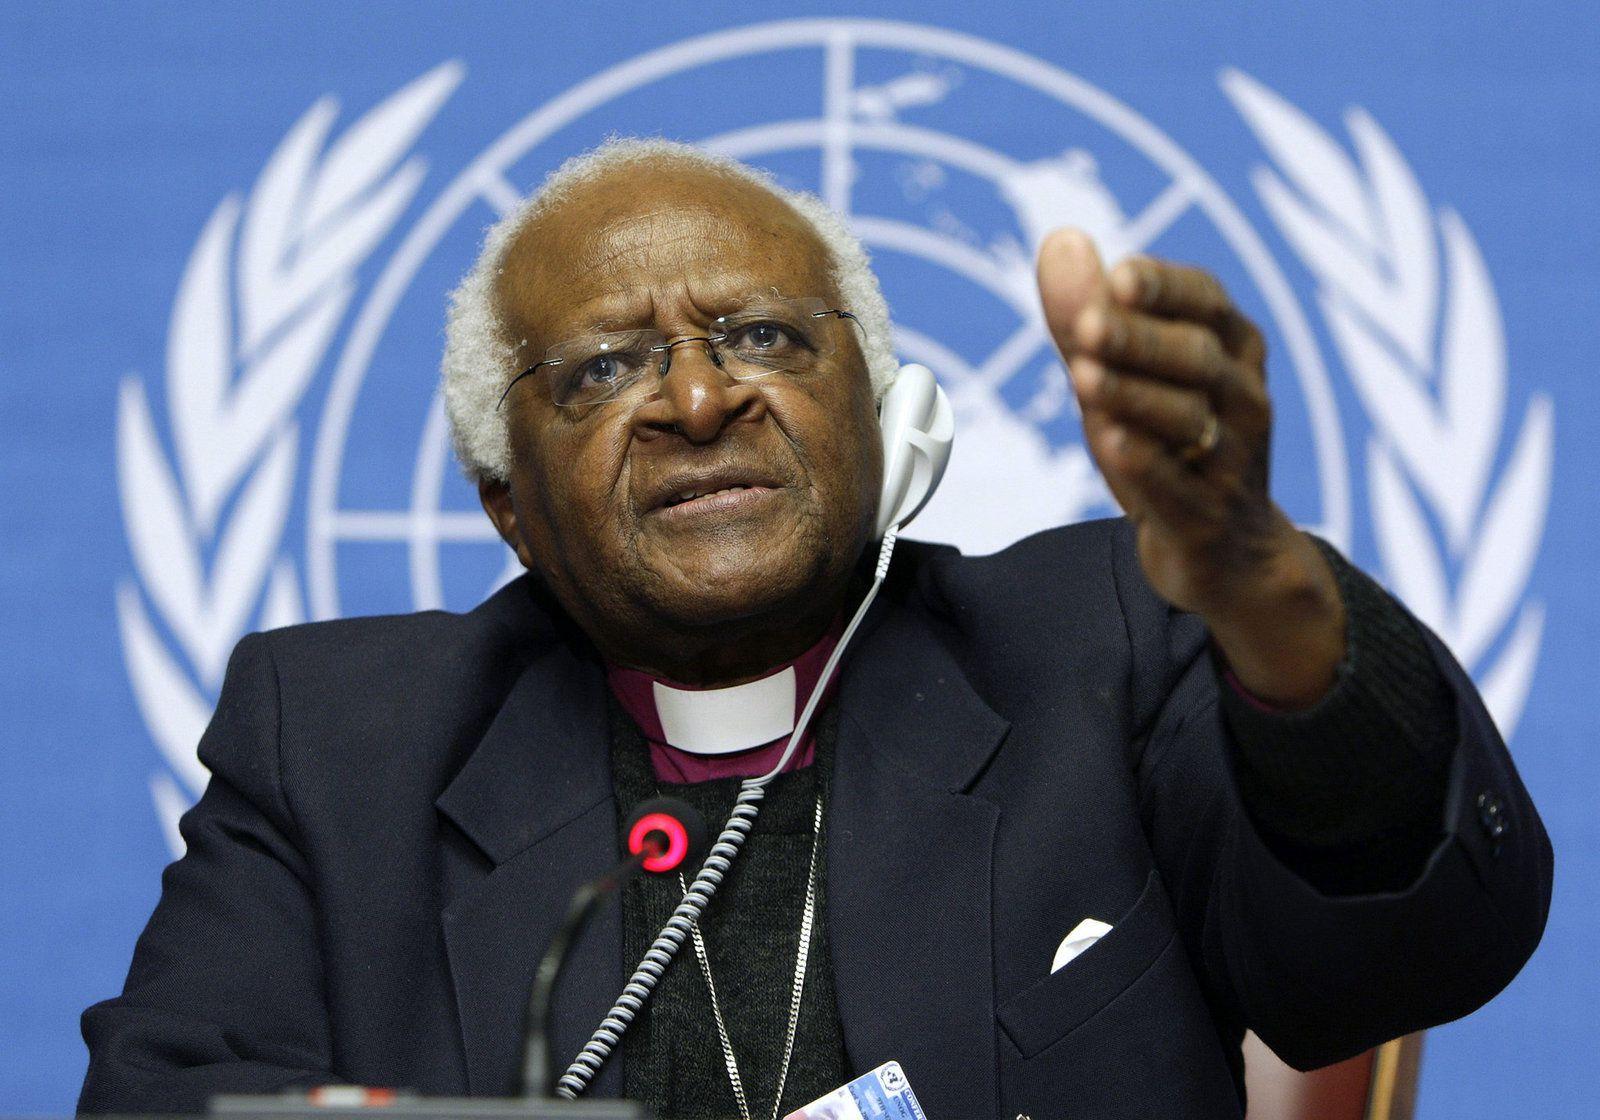 Desmond Tutu à Israël: Libérez-vous en libérant la Palestine